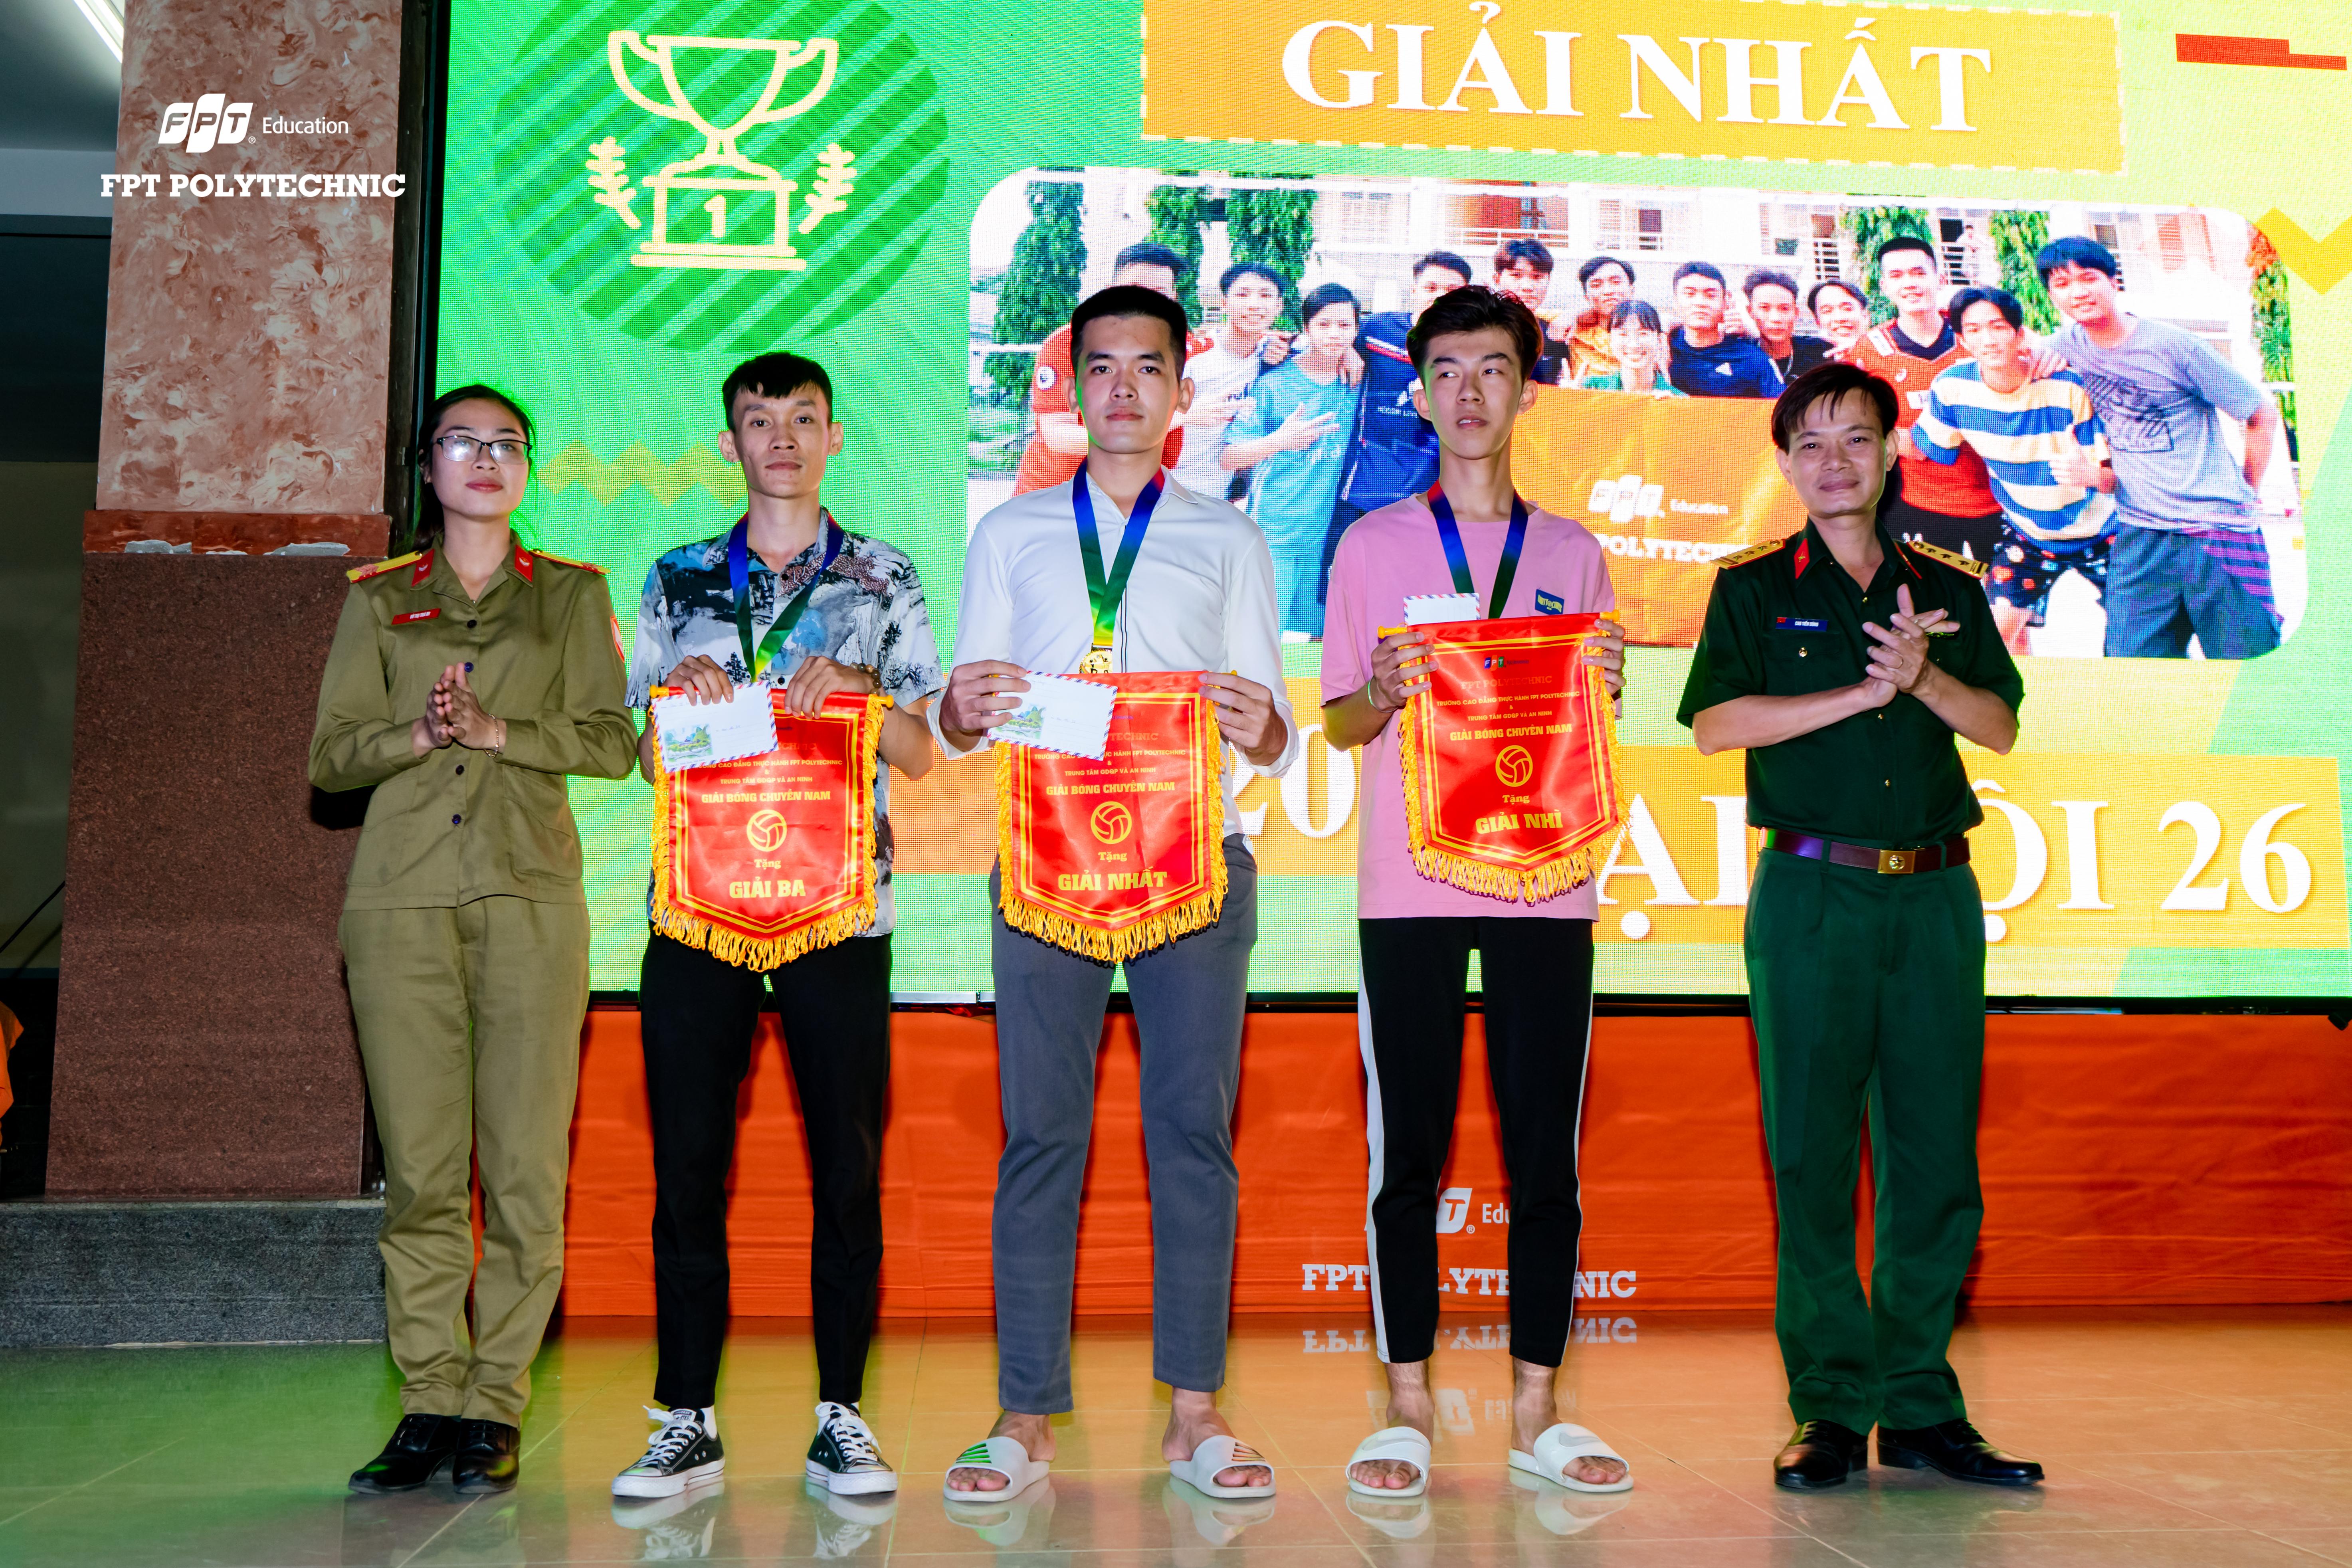 Đêm chung kết văn nghệ Trường Cao đẳng FPT Polytechnic Hồ chí Minh